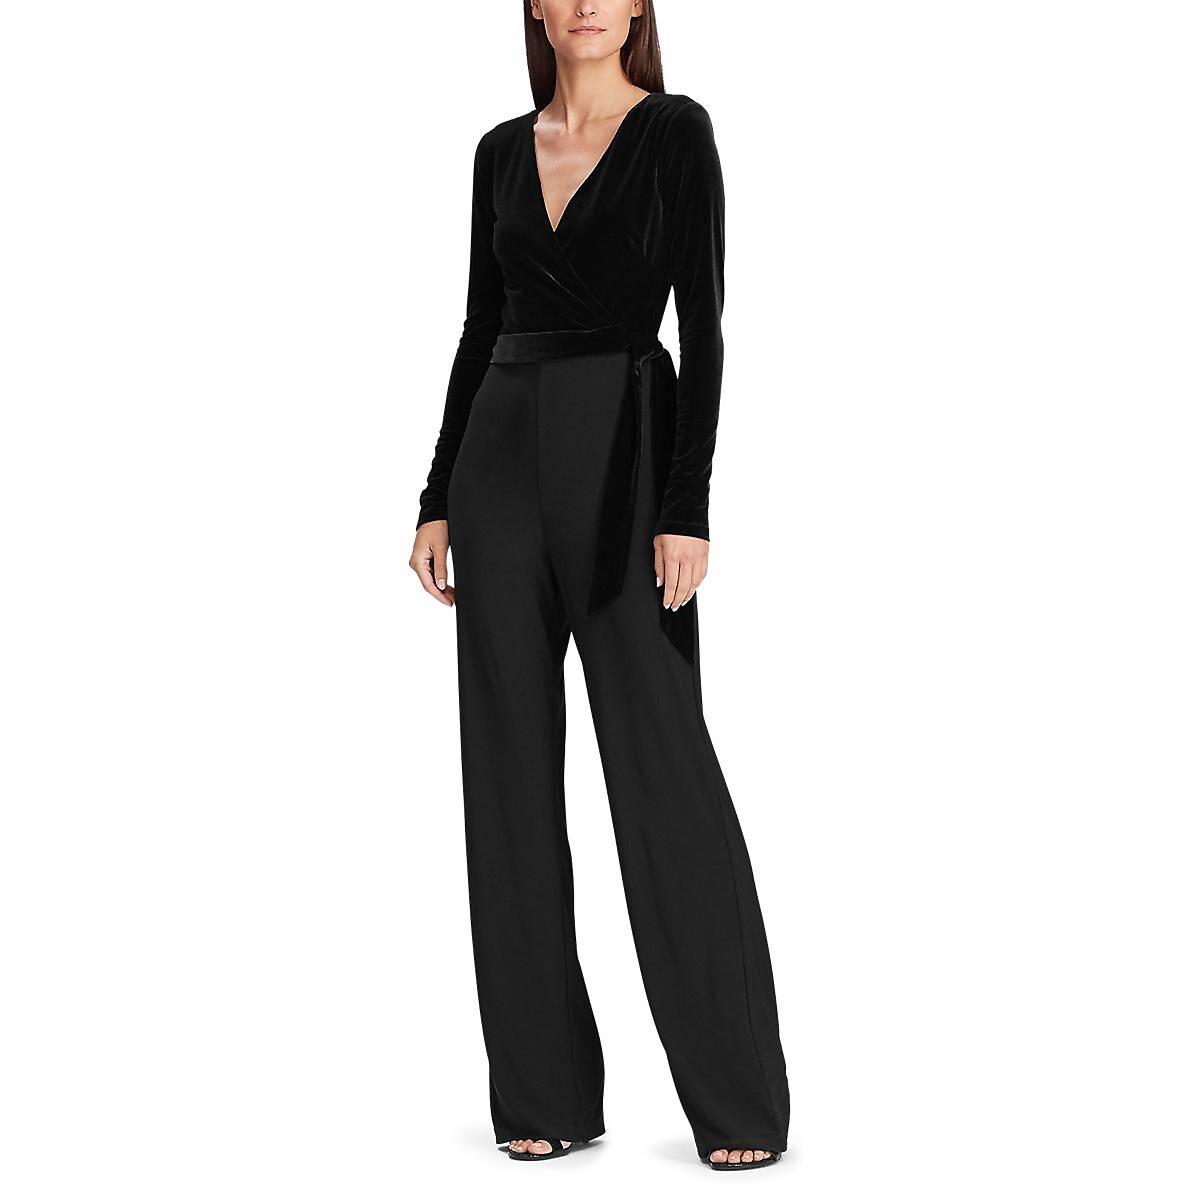 Комбинезон LaRedoute С длинными рукавами 38 (FR) - 44 (RUS) черный платье la redoute прямое с рукавами 34 fr 40 rus черный